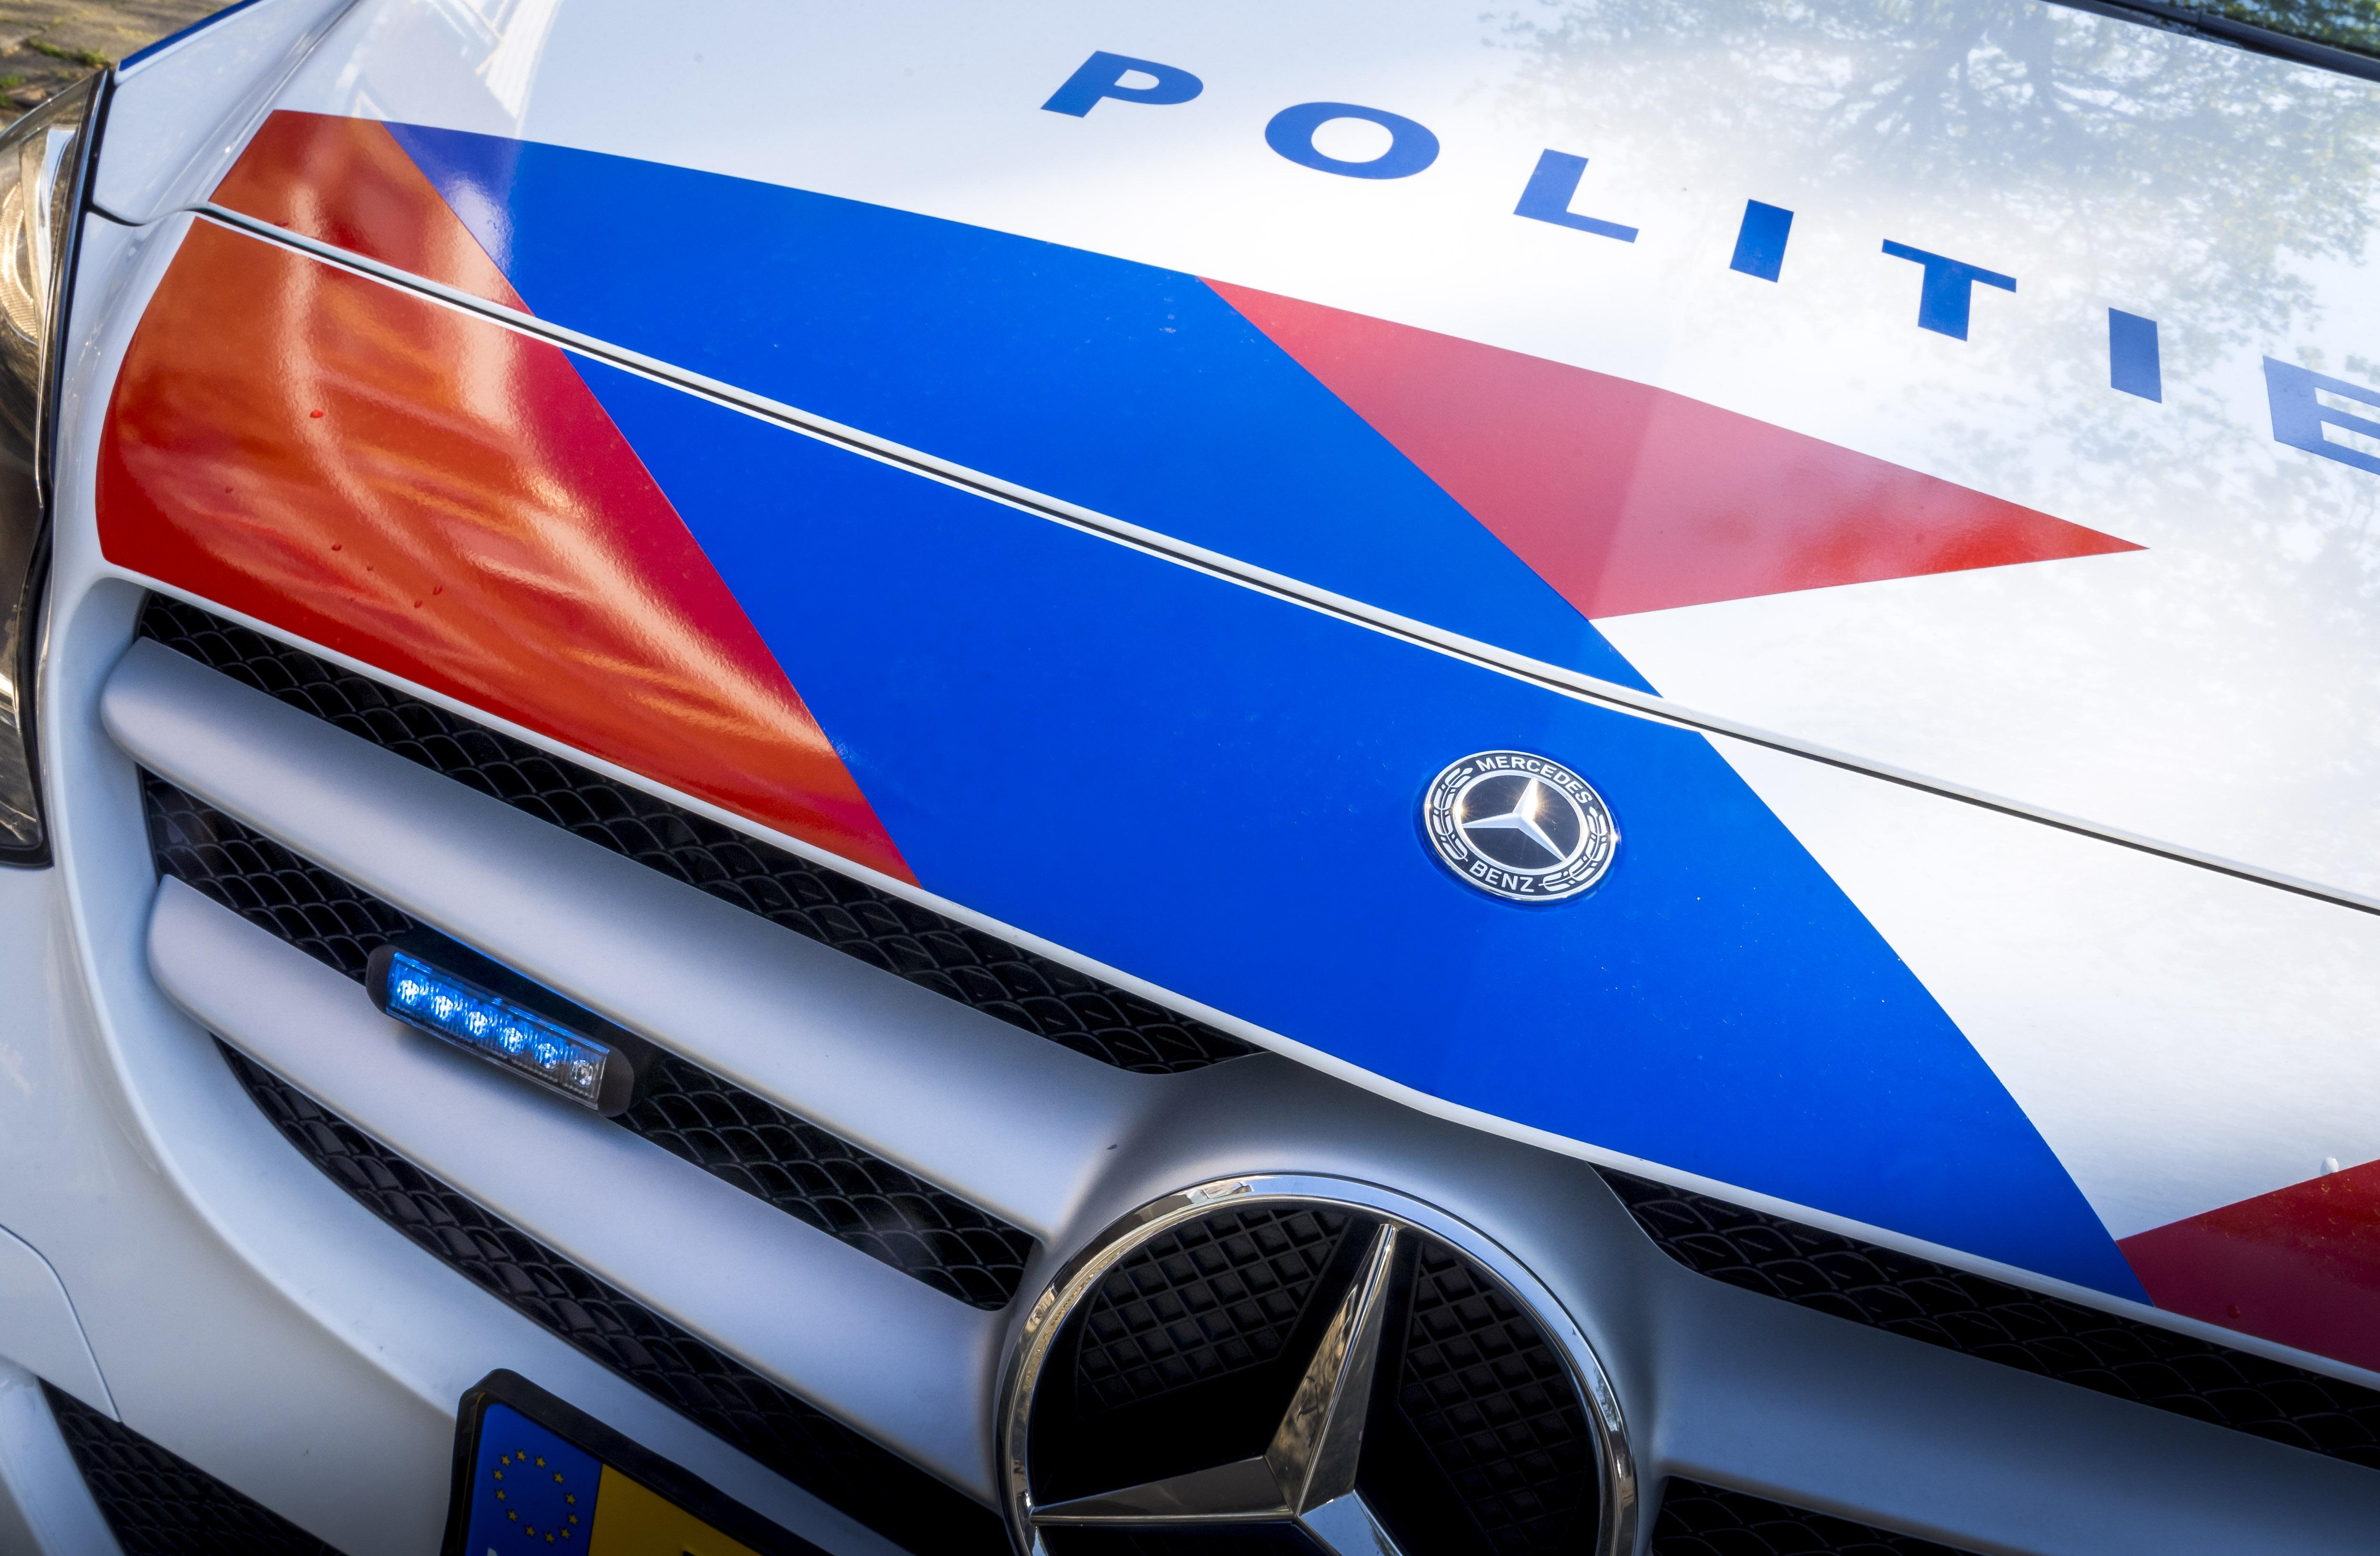 Rijden onder invloed én zonder rijbewijs en een stopteken negeren. Politie Noordwijk pakt bestuurder op na achtervolging